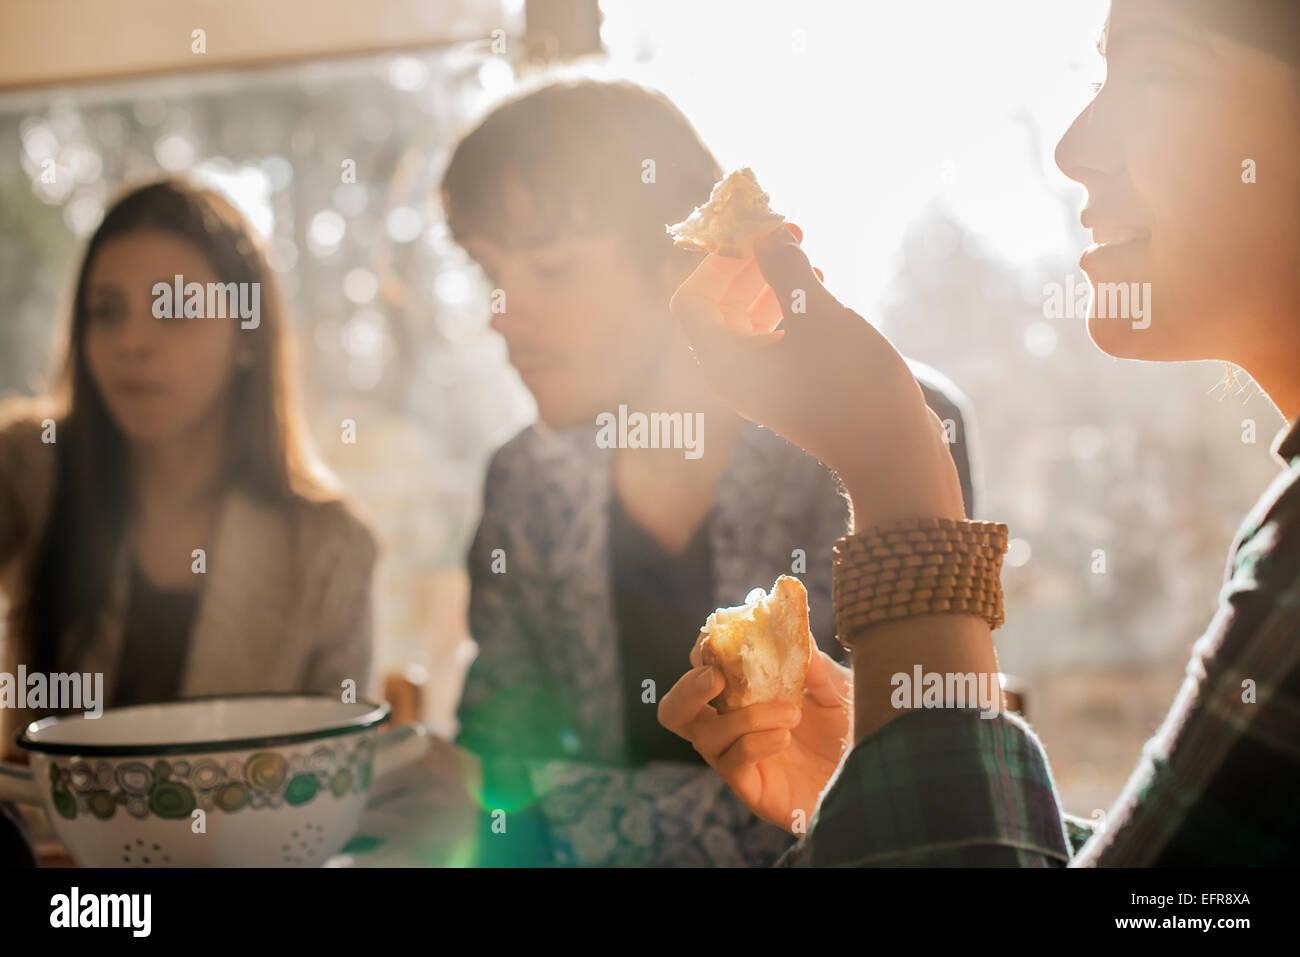 Tre persone sedute a un tavolo, sorridente, mangiare e chat. Immagini Stock